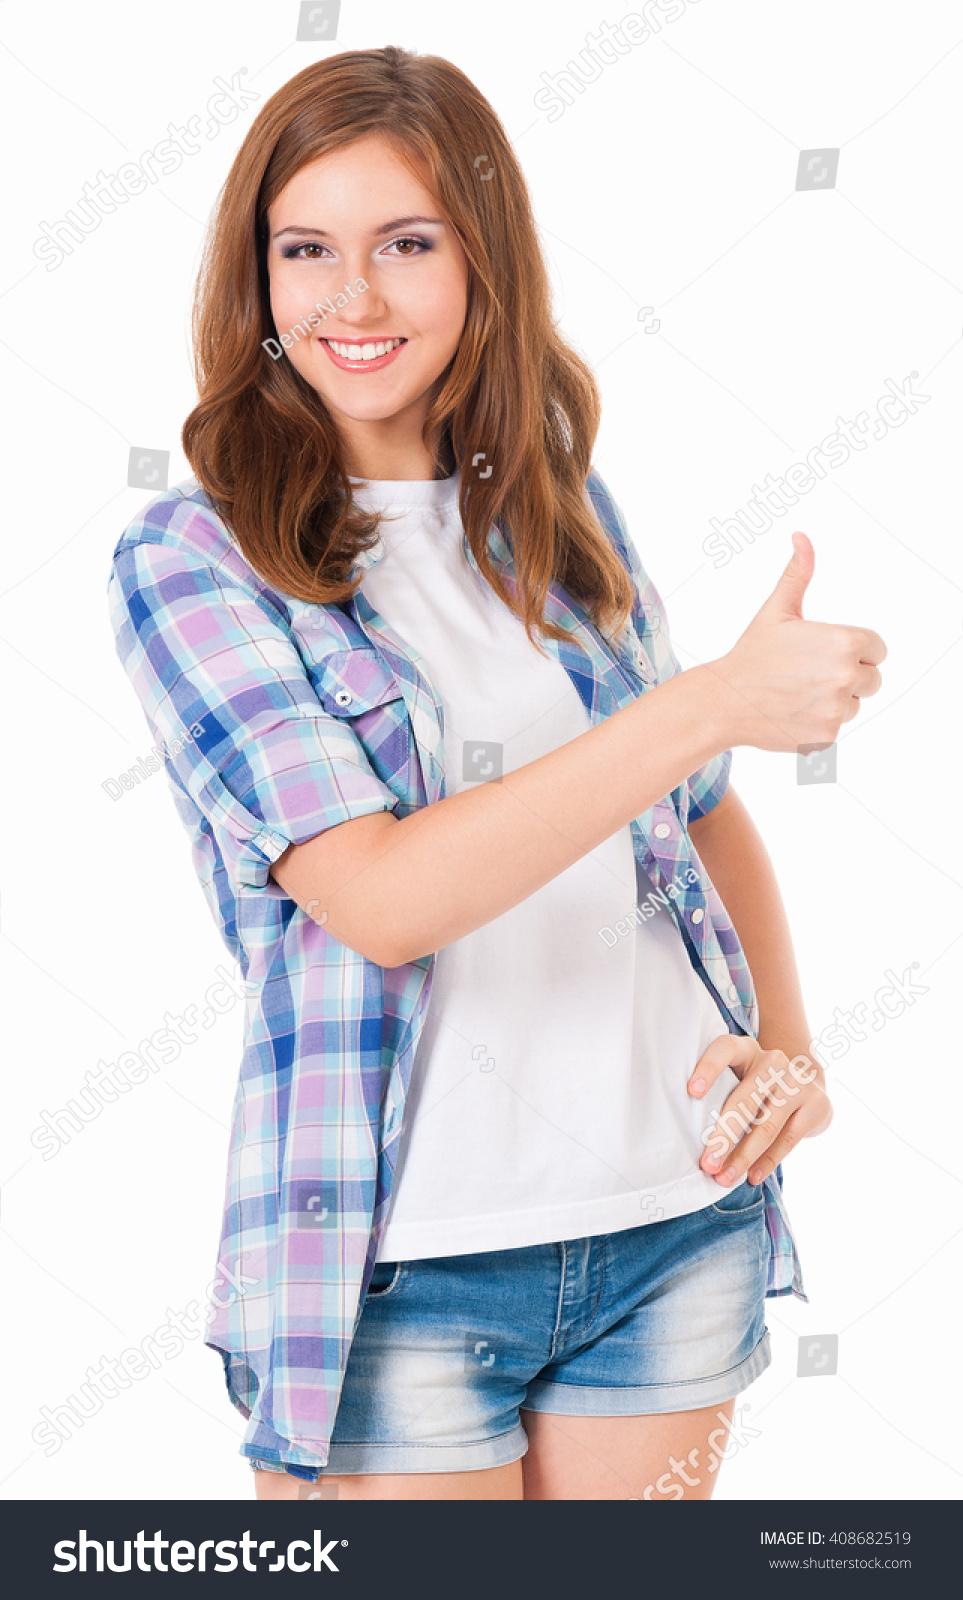 cute teen thumbs